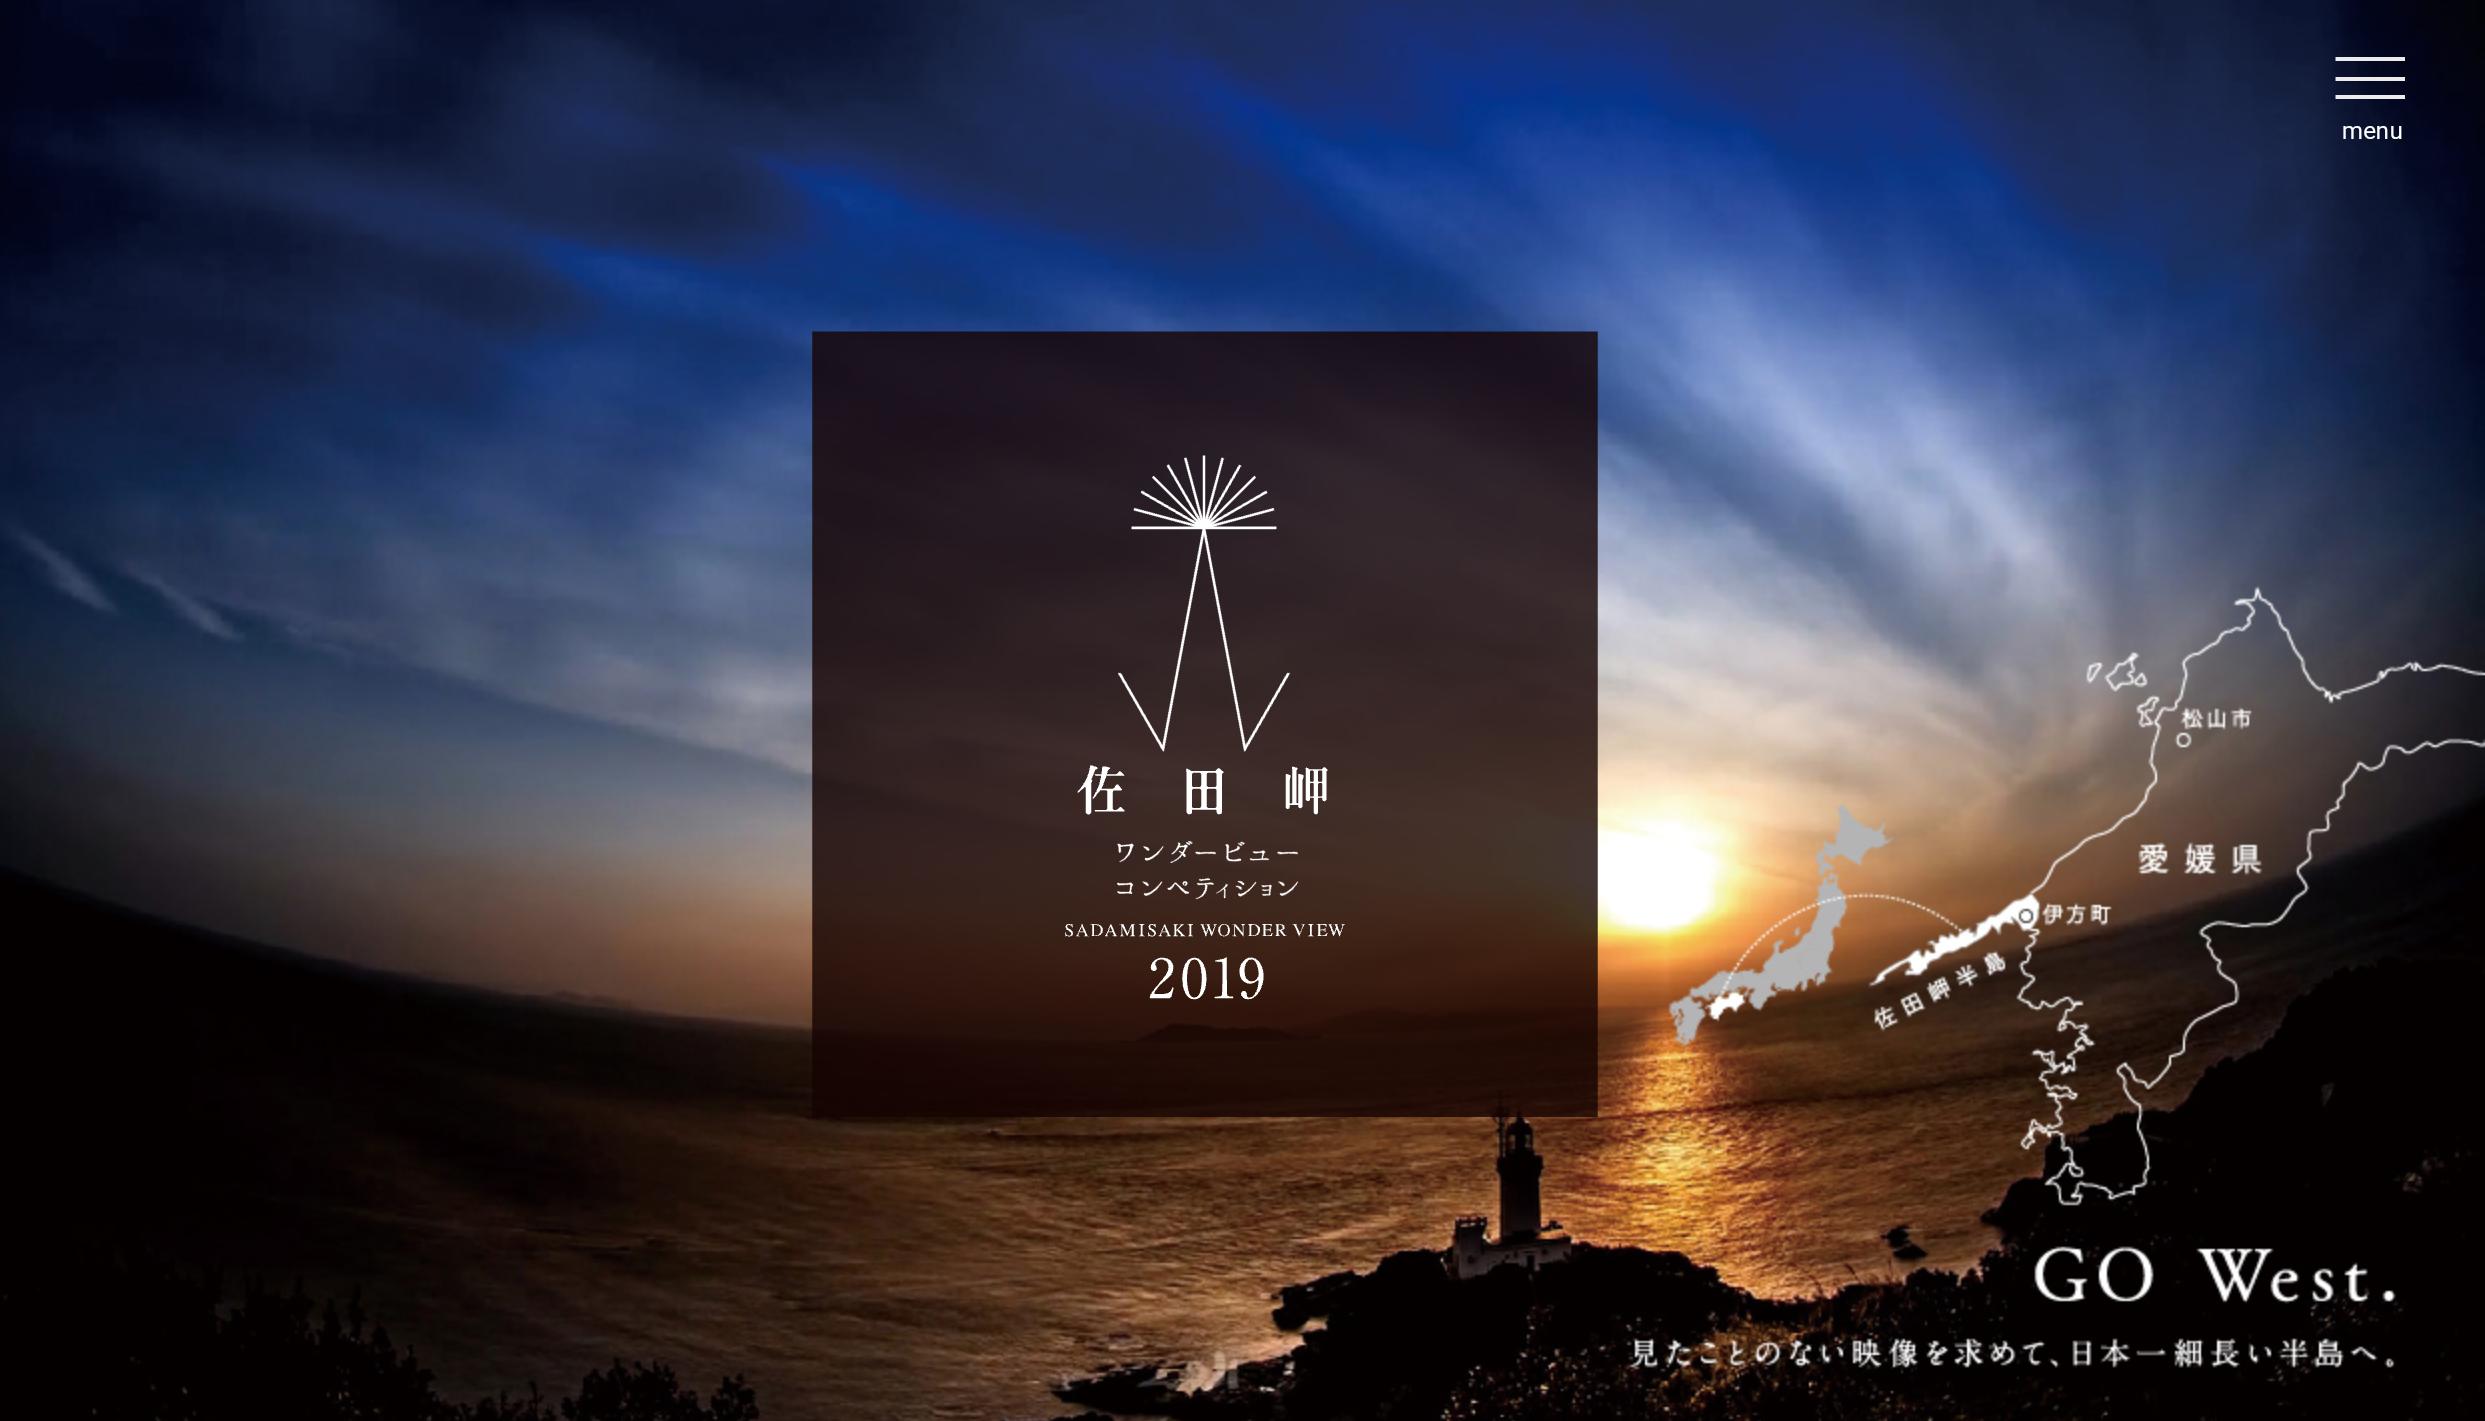 佐田岬の魅力にふれる!「佐田岬ワンダービューコンペティション」グランプリ映像作品を集めてみたよ!